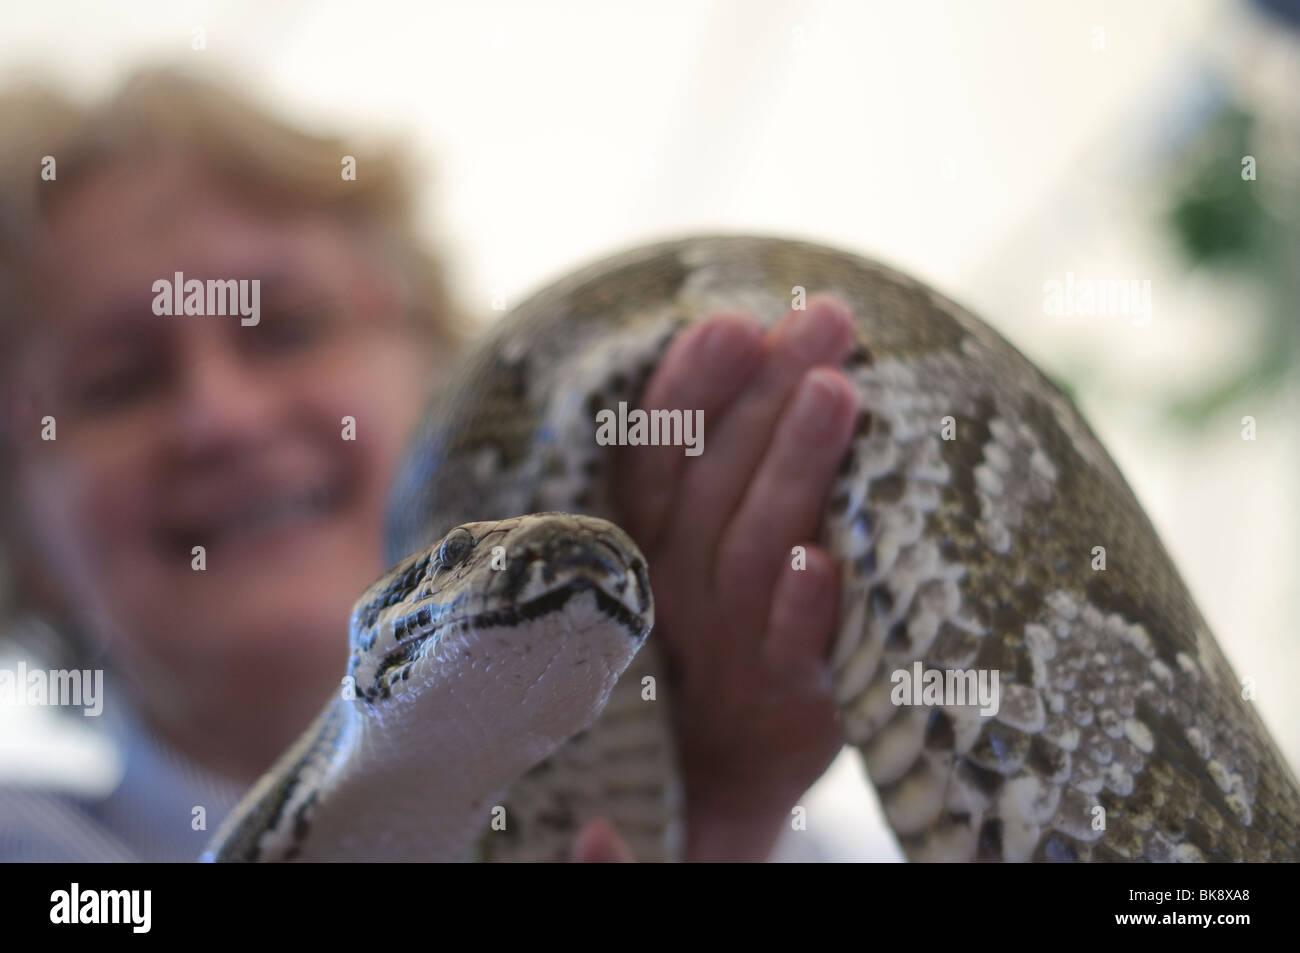 Mujer con Big Snake, centrarse en las serpientes jefe Imagen De Stock